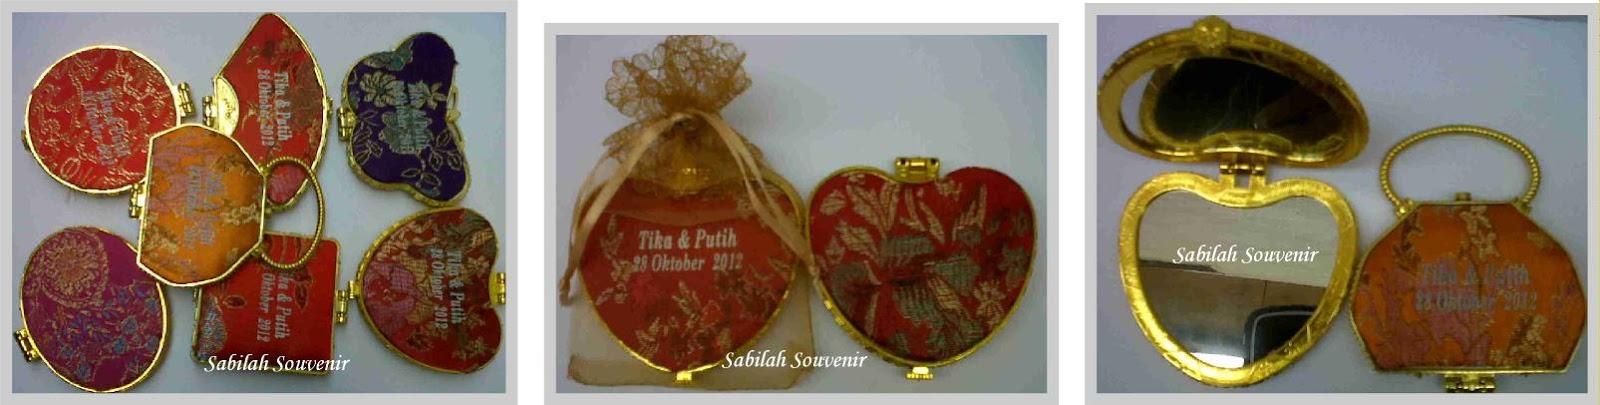 Souvenir Kaca Souvenir Sunatan Ulang Tahun Promosi Souvenir